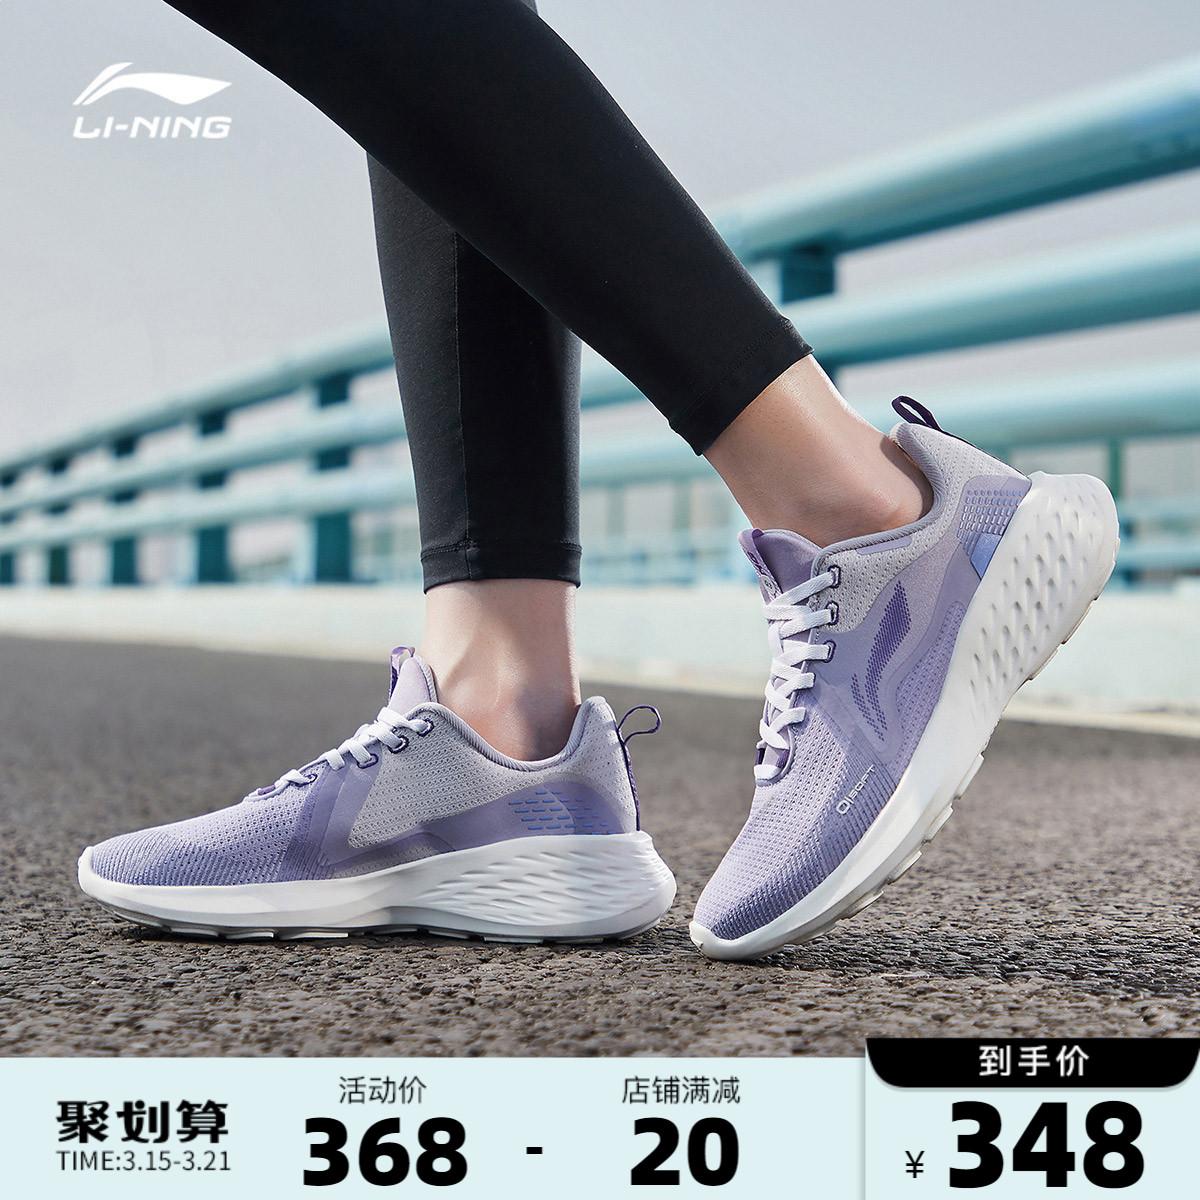 李宁跑步鞋女鞋SOFT ELEMENT女士鞋子旗舰2021网面透气跑鞋运动鞋